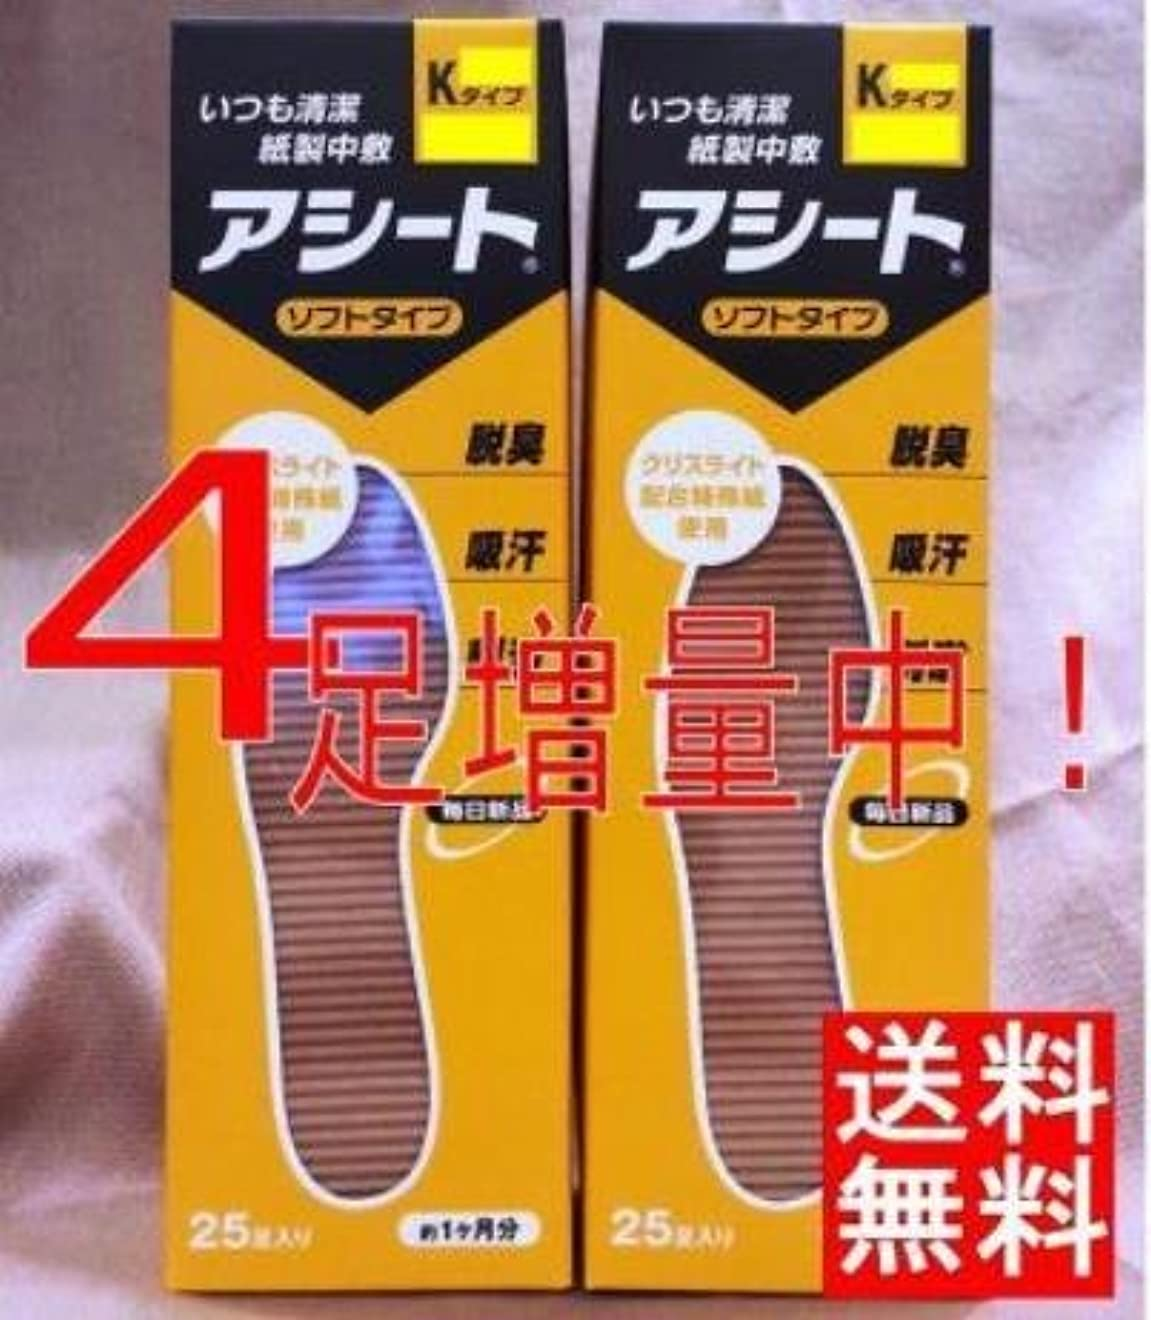 疎外アンケート意外アシートK(サイズ25cm)×2箱セット(4足増量中)